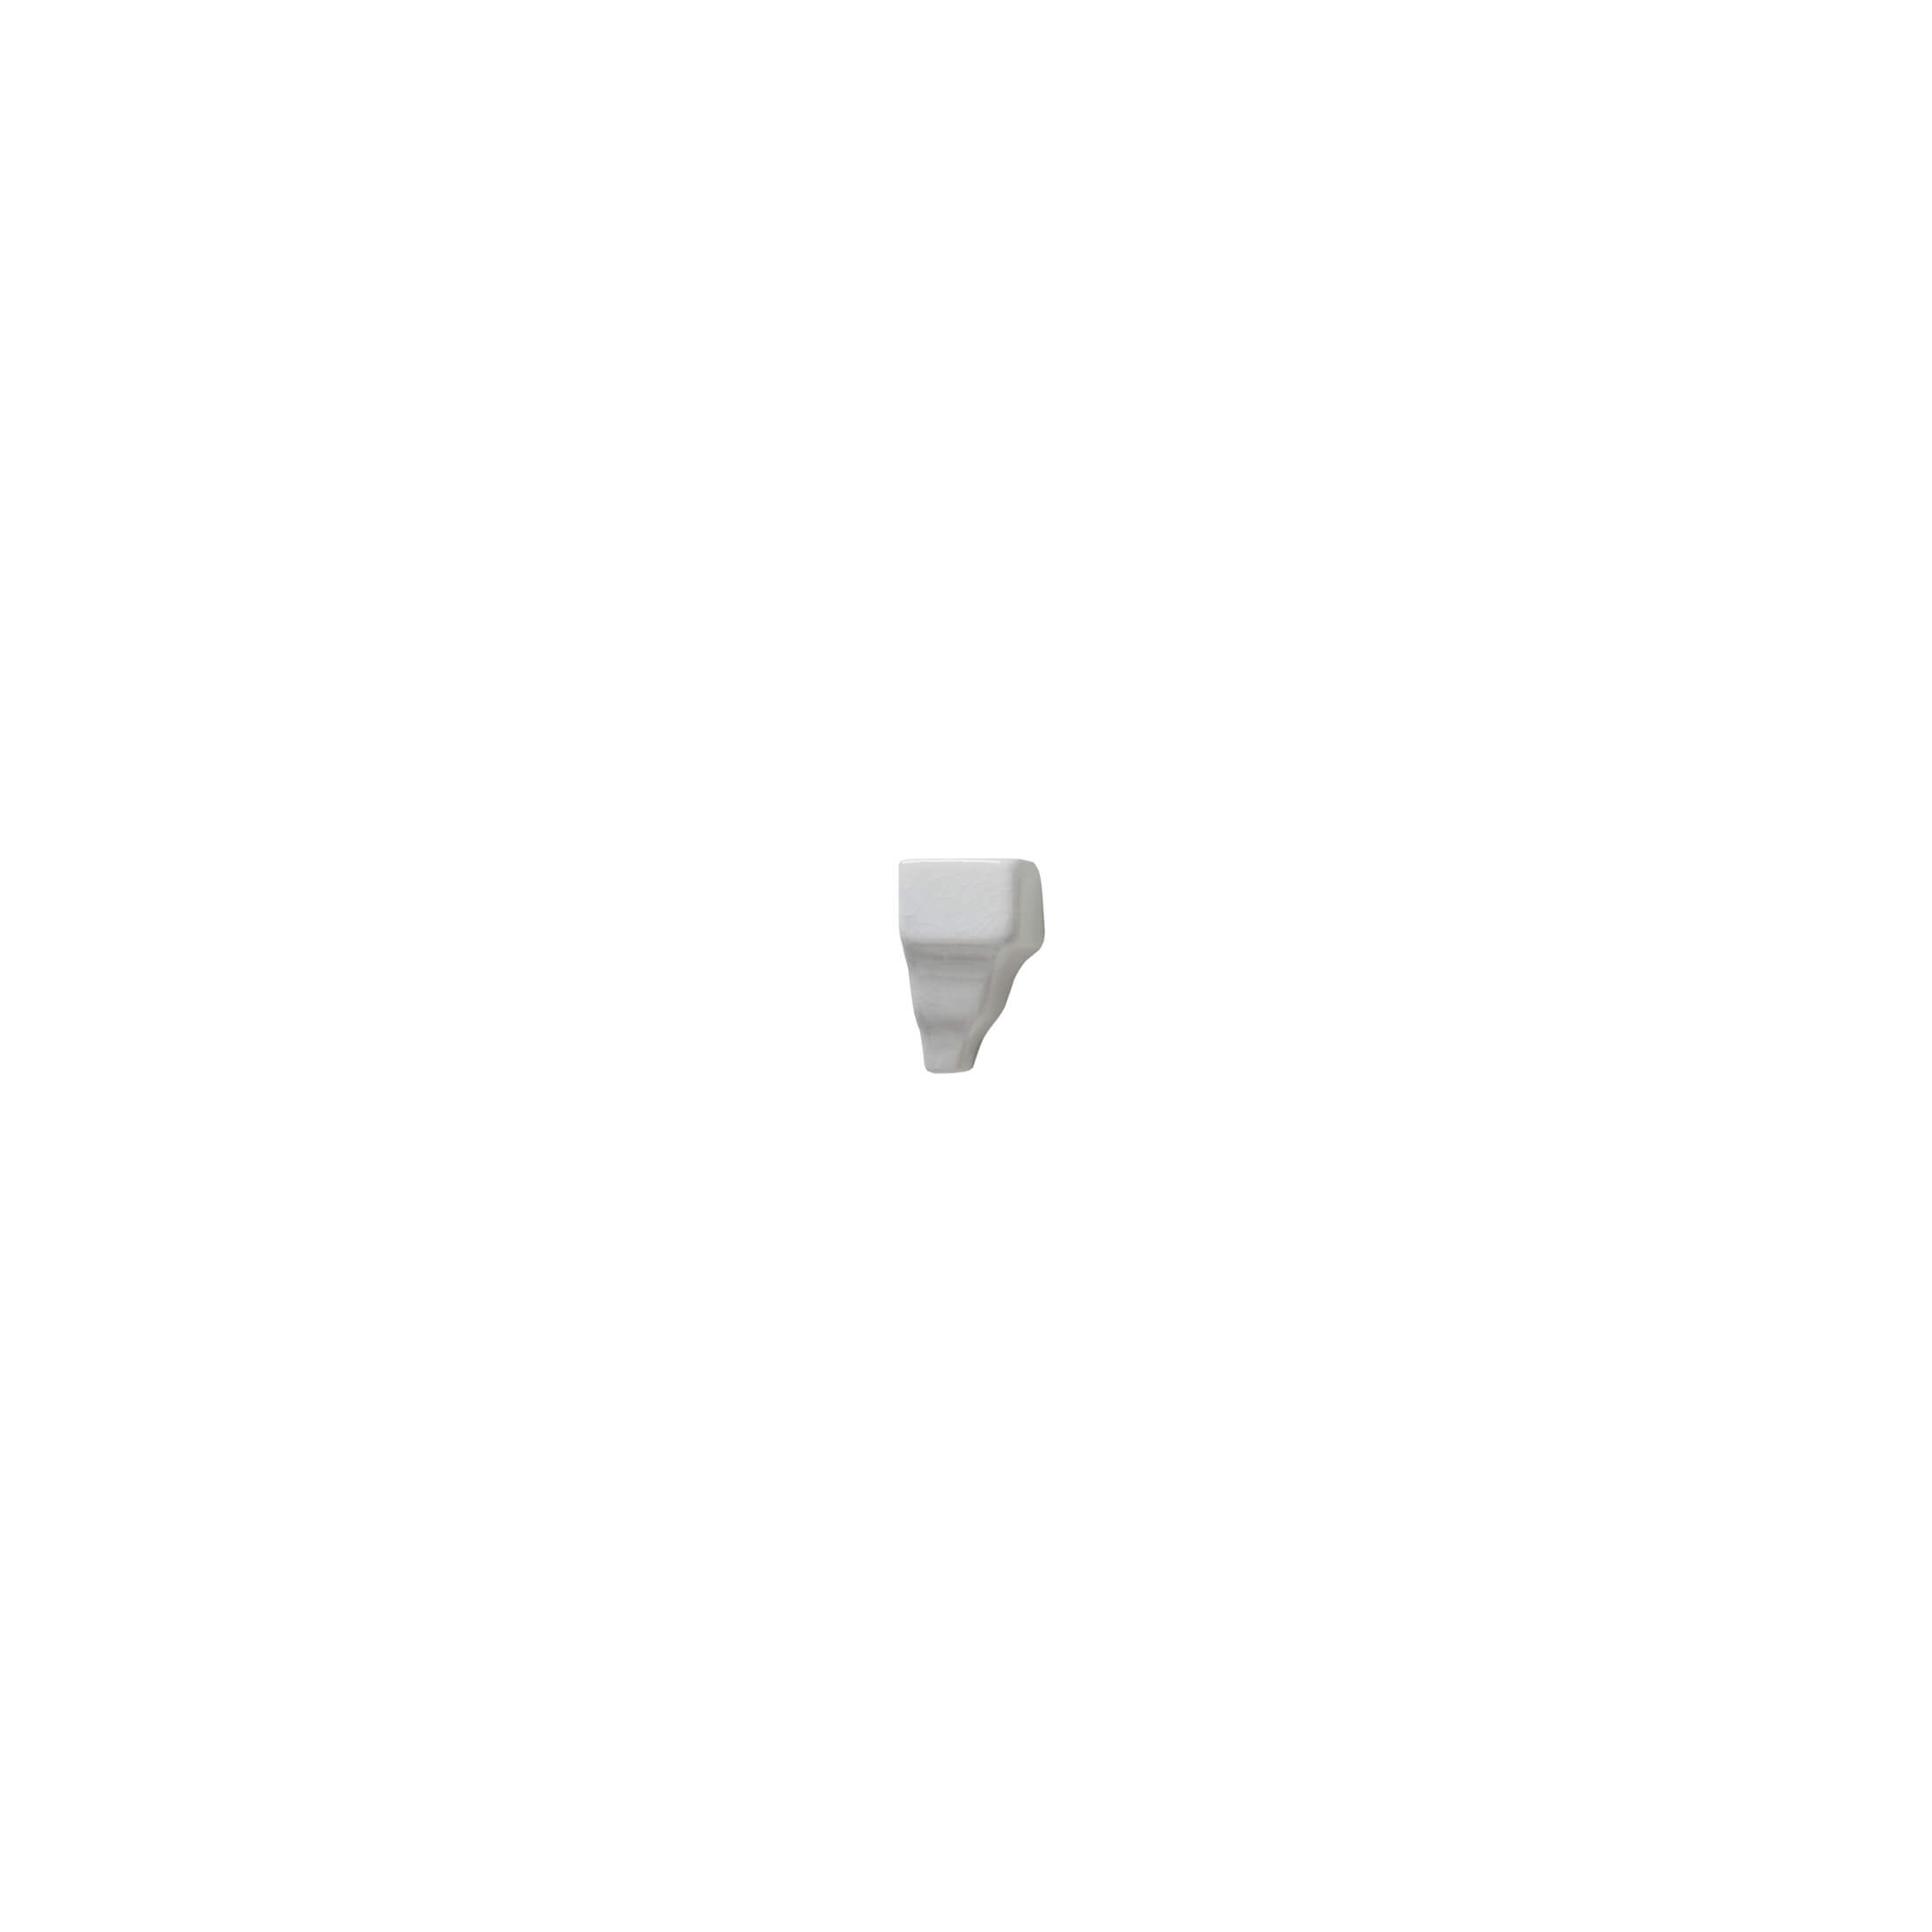 ADMO5463 - ANGULO EXT.CORNISA CLASICA C/C - 3.5 cm X 15 cm